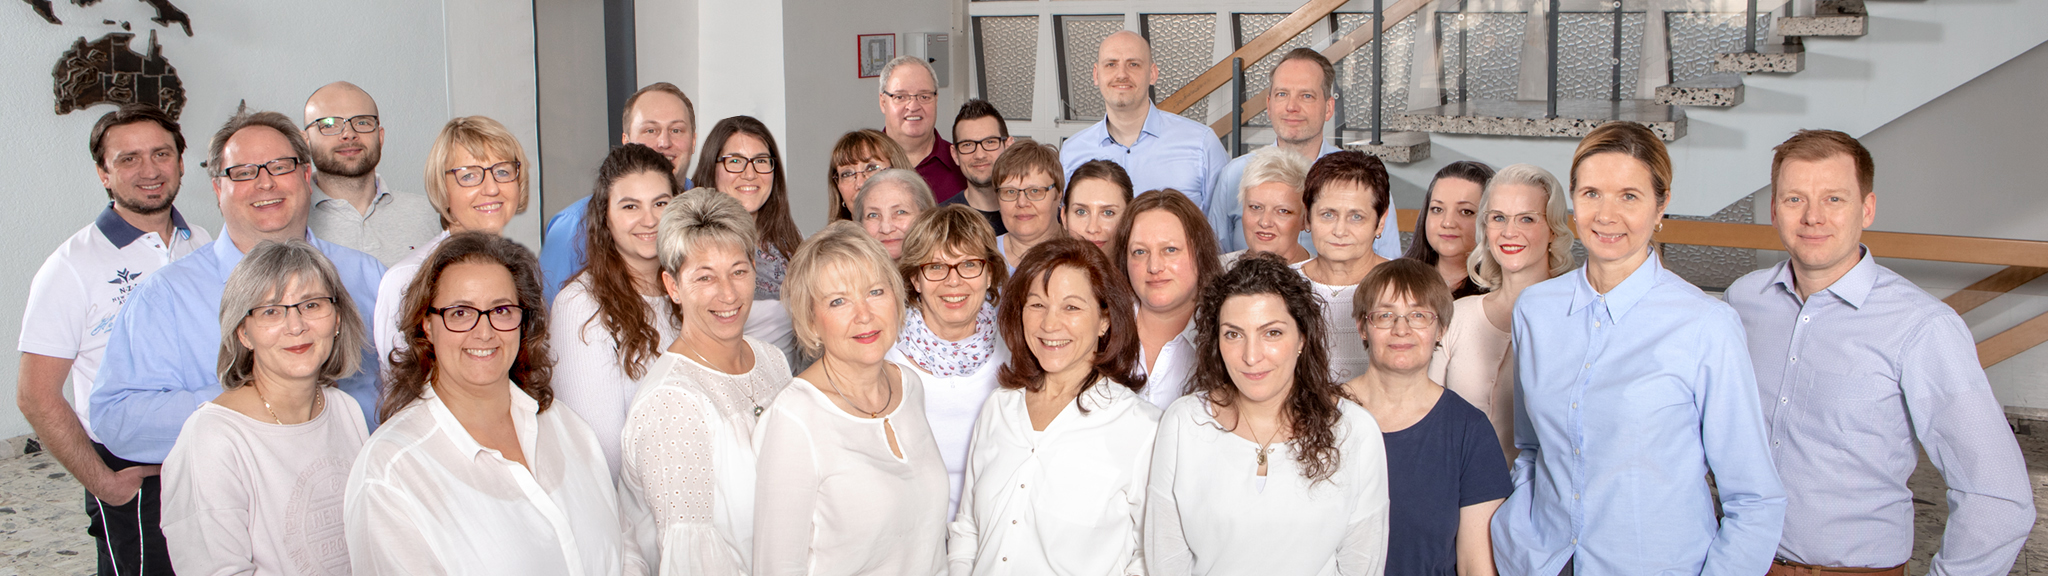 Gruppenfoto Team